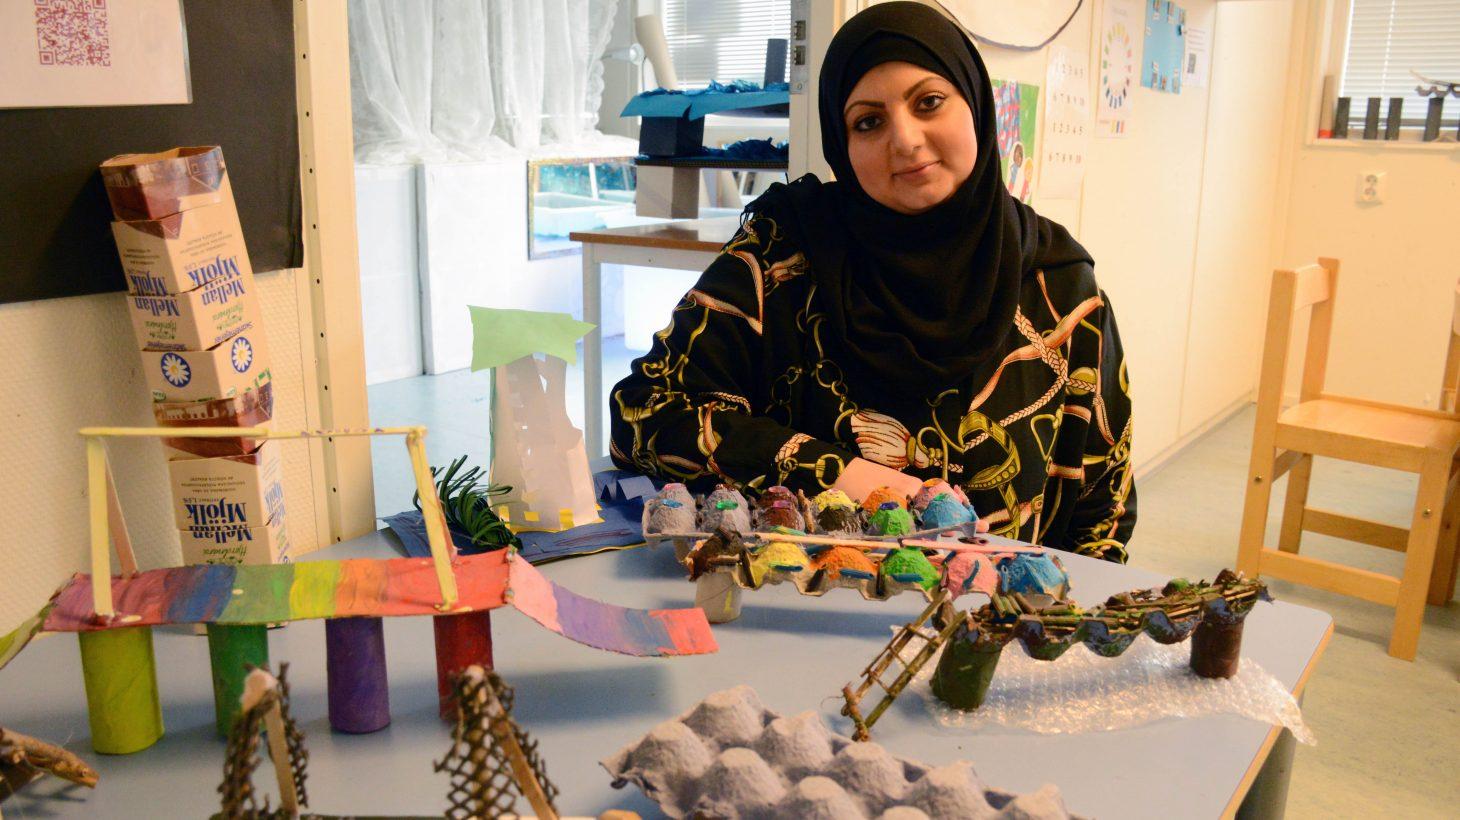 Barnskötare Sabah Baltaji vid ett bord med miniatyrer av Öresundsbron gjorda av återvinningsbart material.